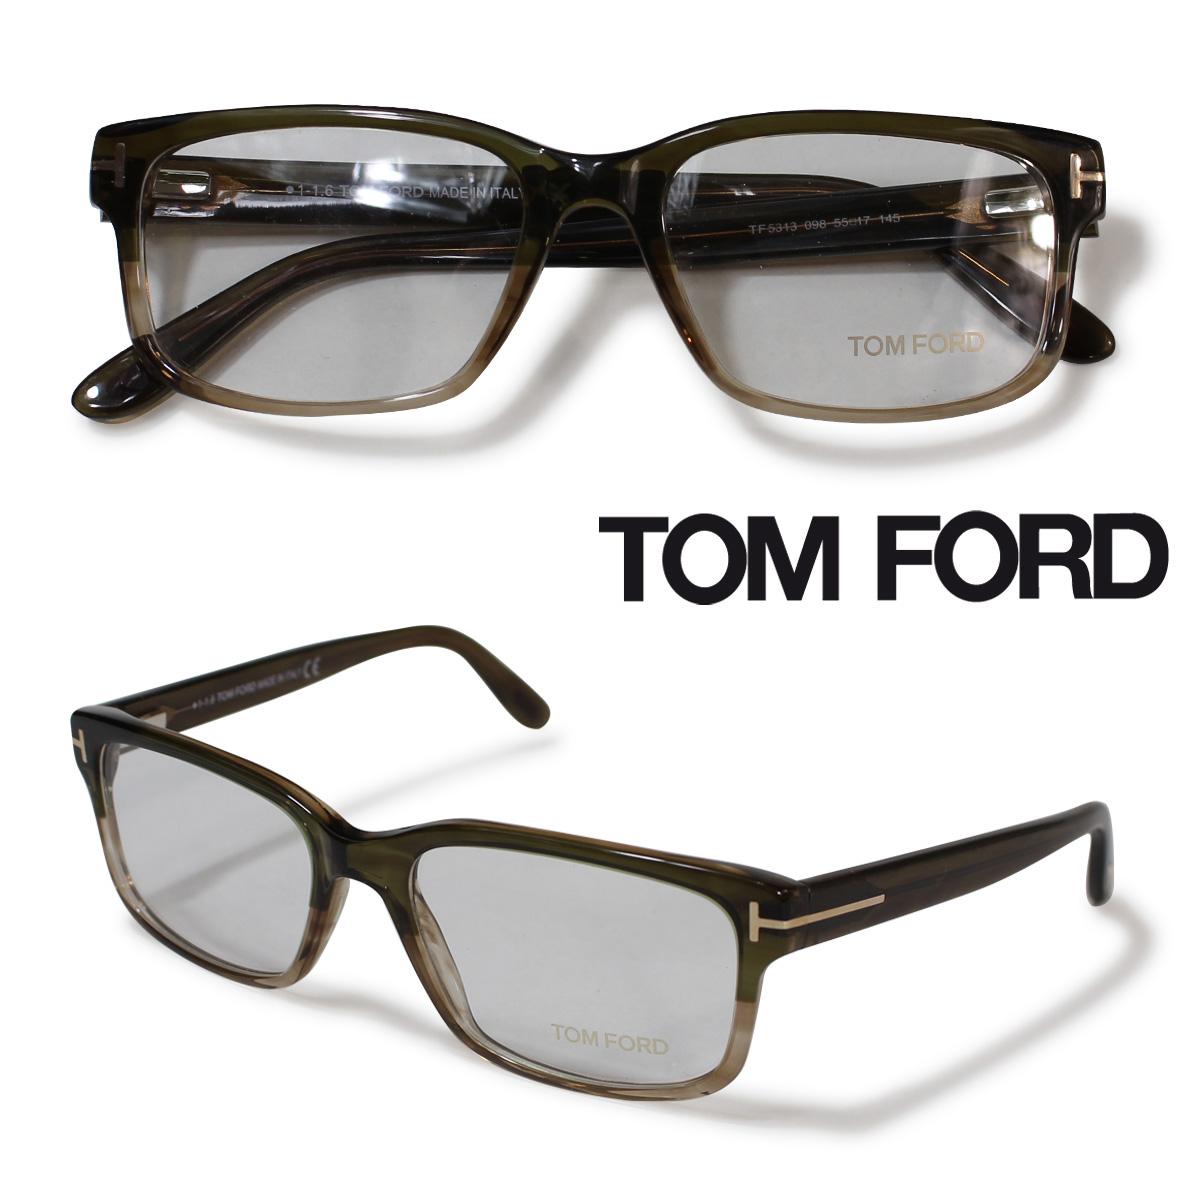 トムフォード TOM FORD サングラス メンズ レディース アイウェア ACETATE FRAMES FT5313 イタリア製